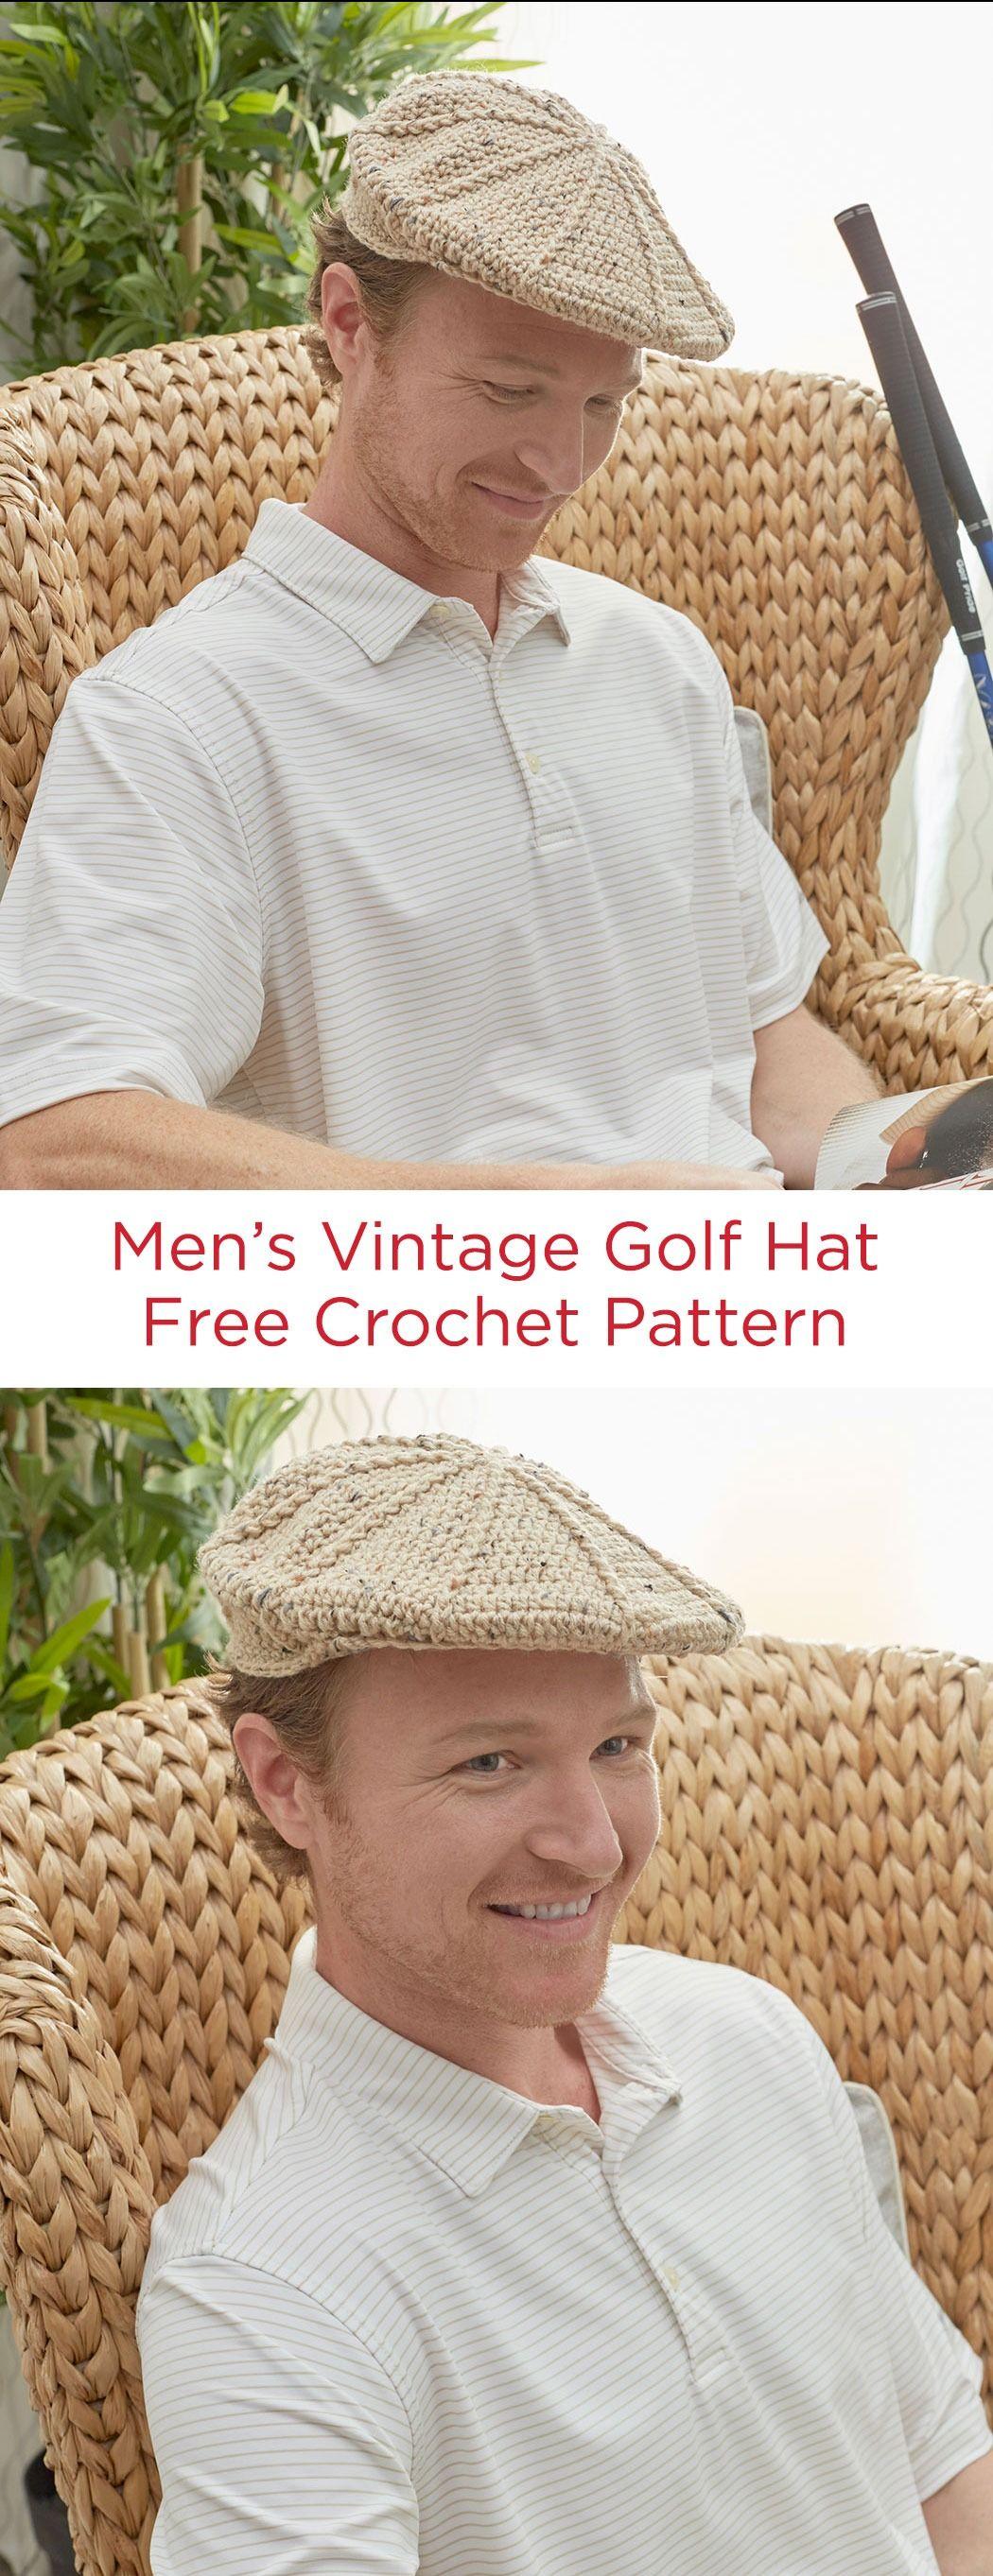 Men\'s Vintage Golf Hat Free Crochet Pattern in Red Heart Yarn ...